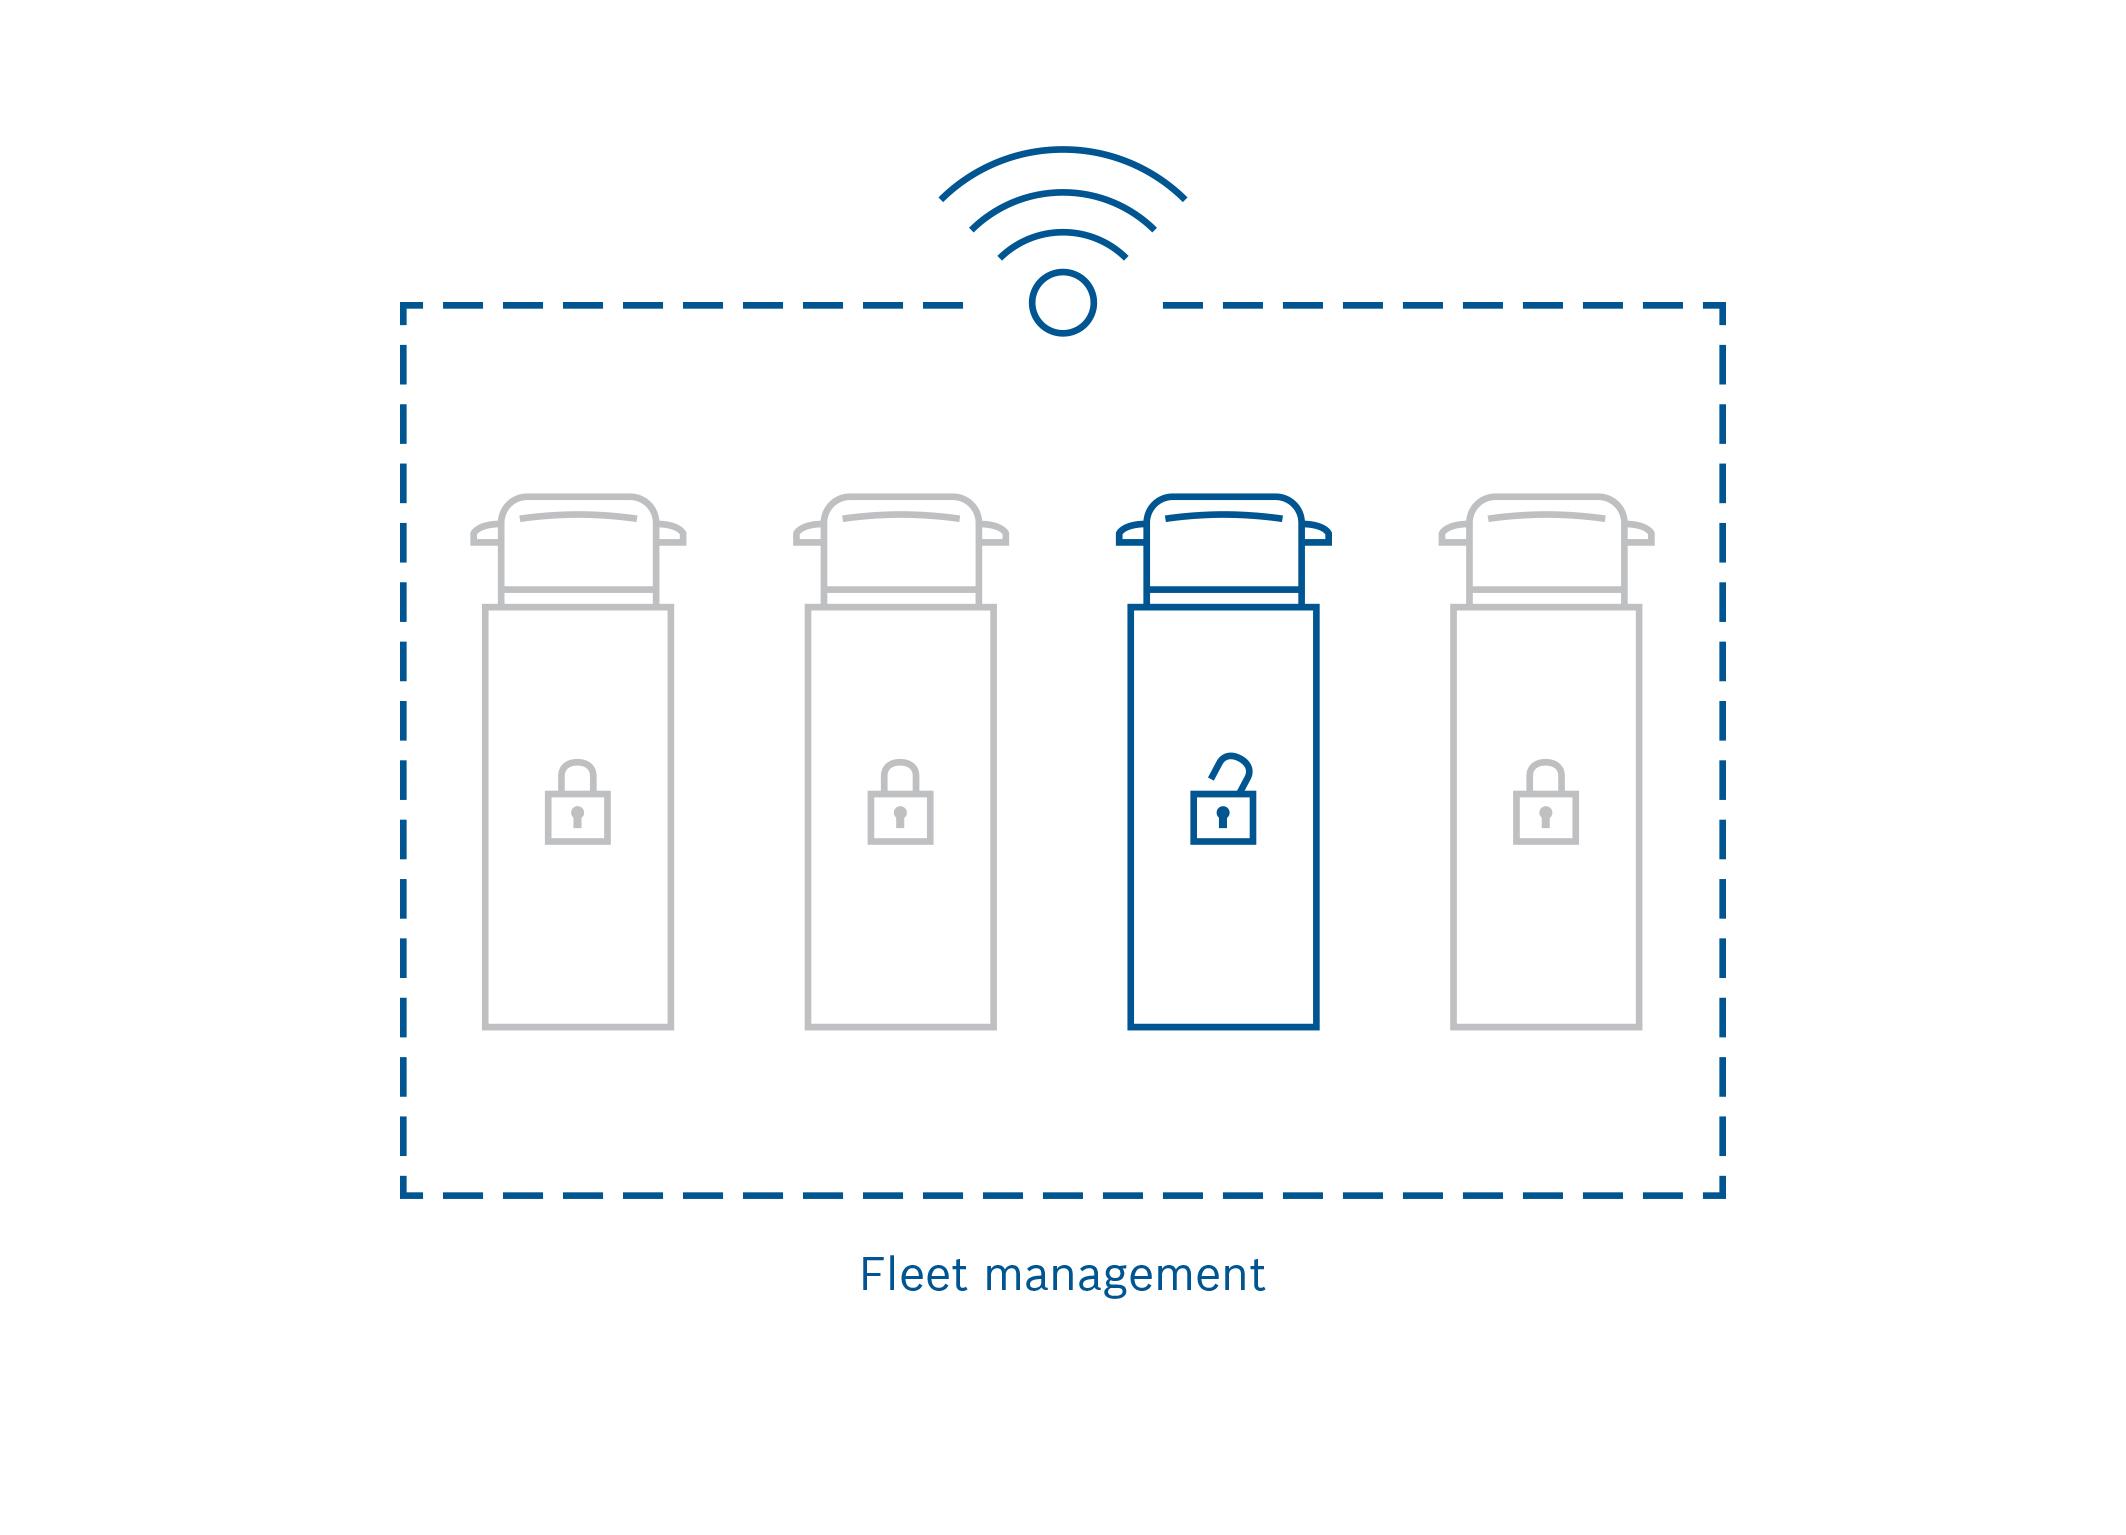 Flottenbetreiber können flexibel managen, welche Fahrer Zugang zu Fahrzeugen haben und wann.